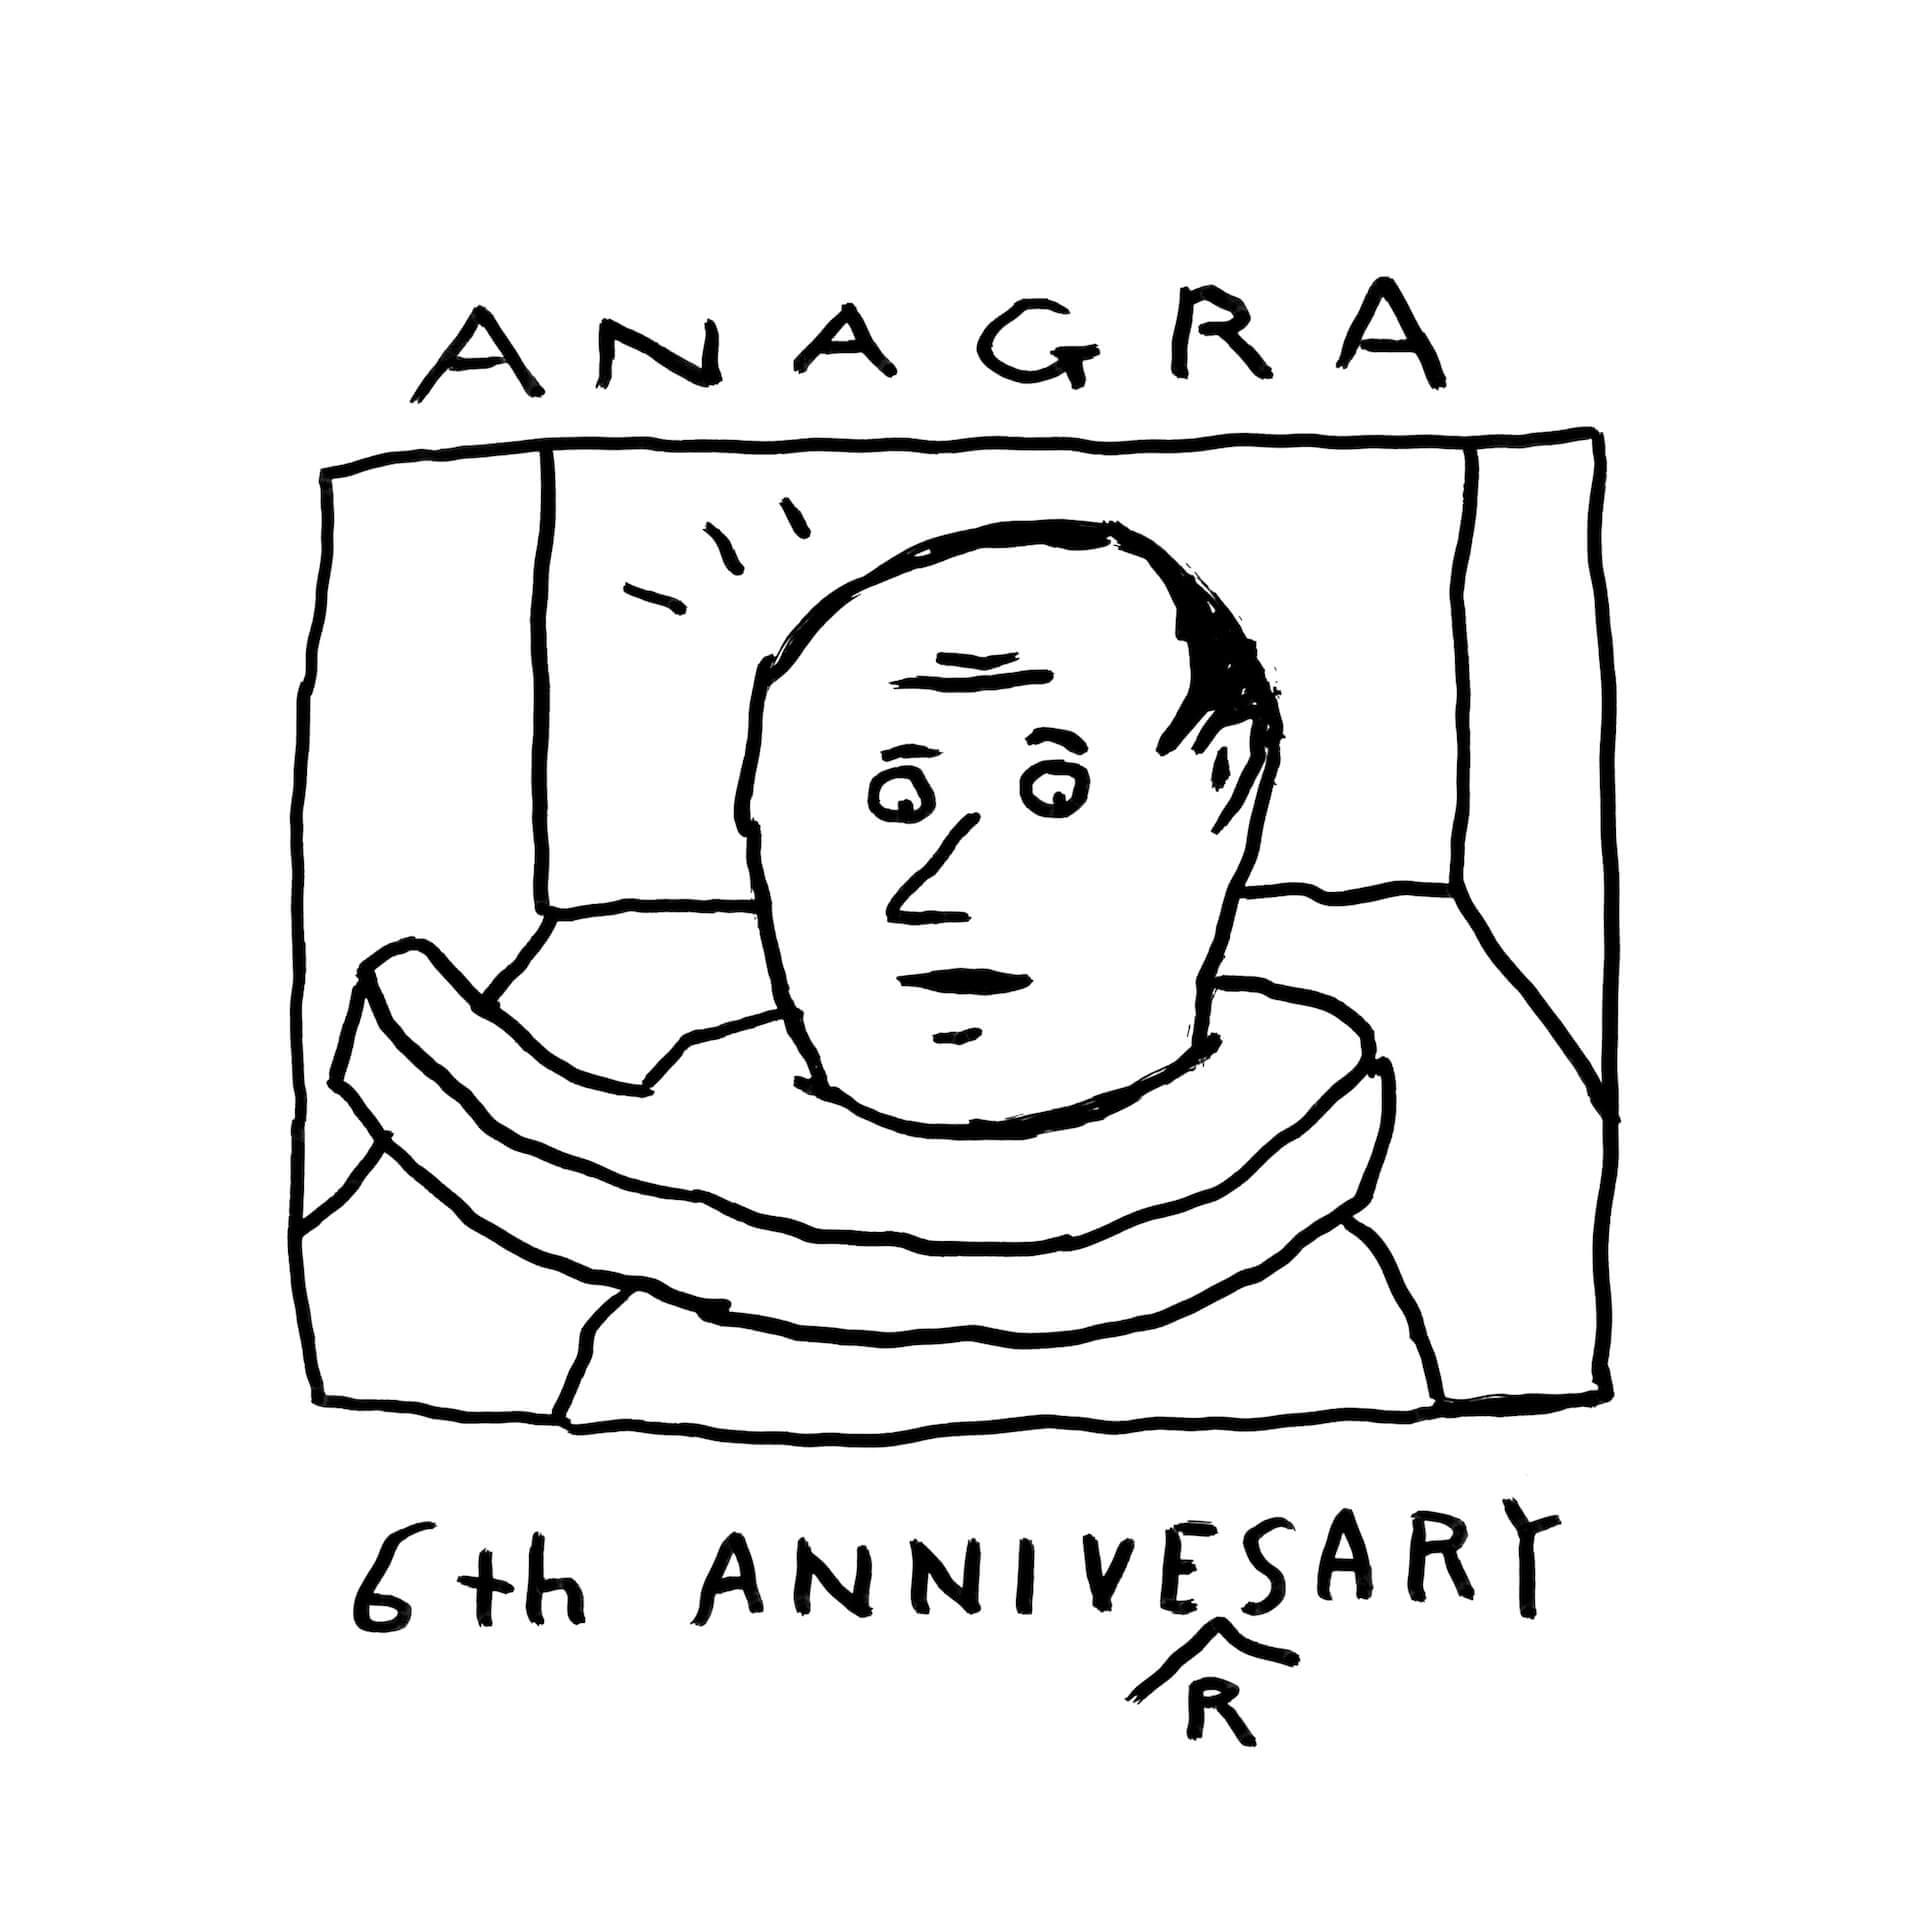 ANAGRAが6周年アニバーサリーで目にも耳にも心にも刺激的な2日間をお届け art-culture190401-anagra-11